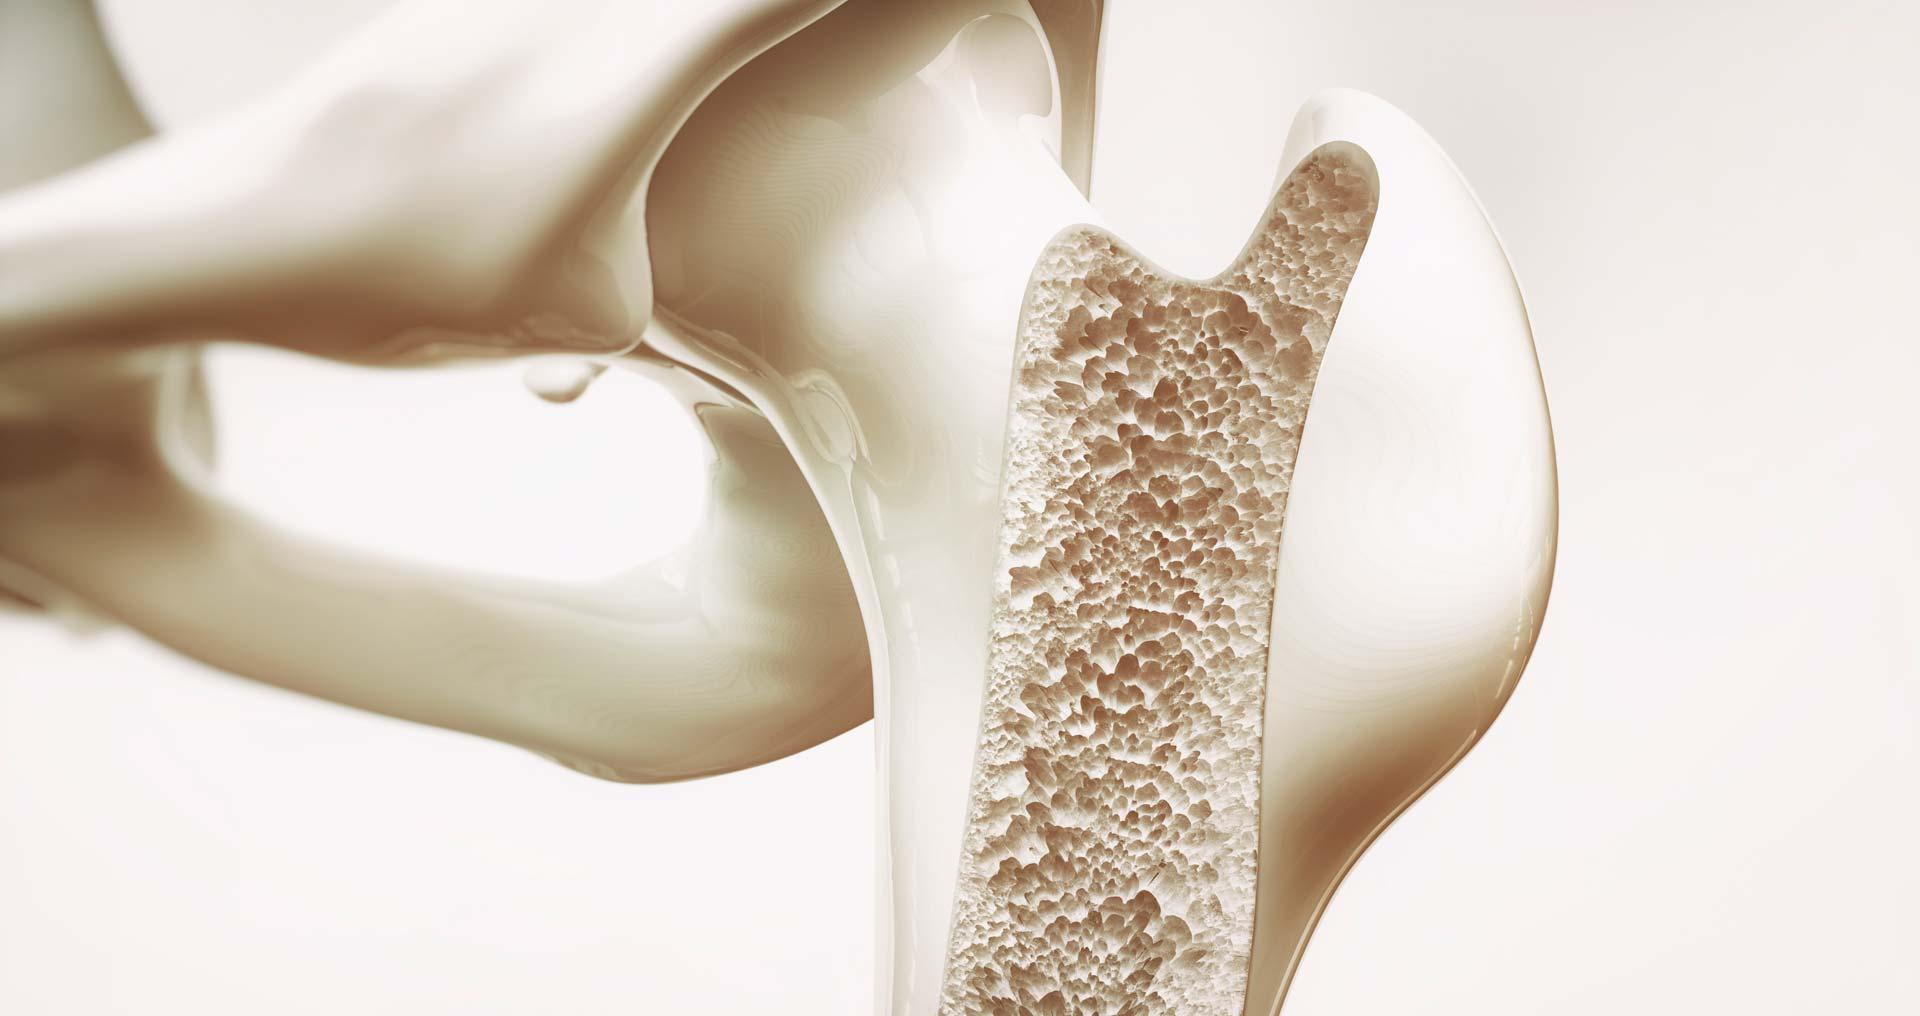 Frattura da osteoporosi